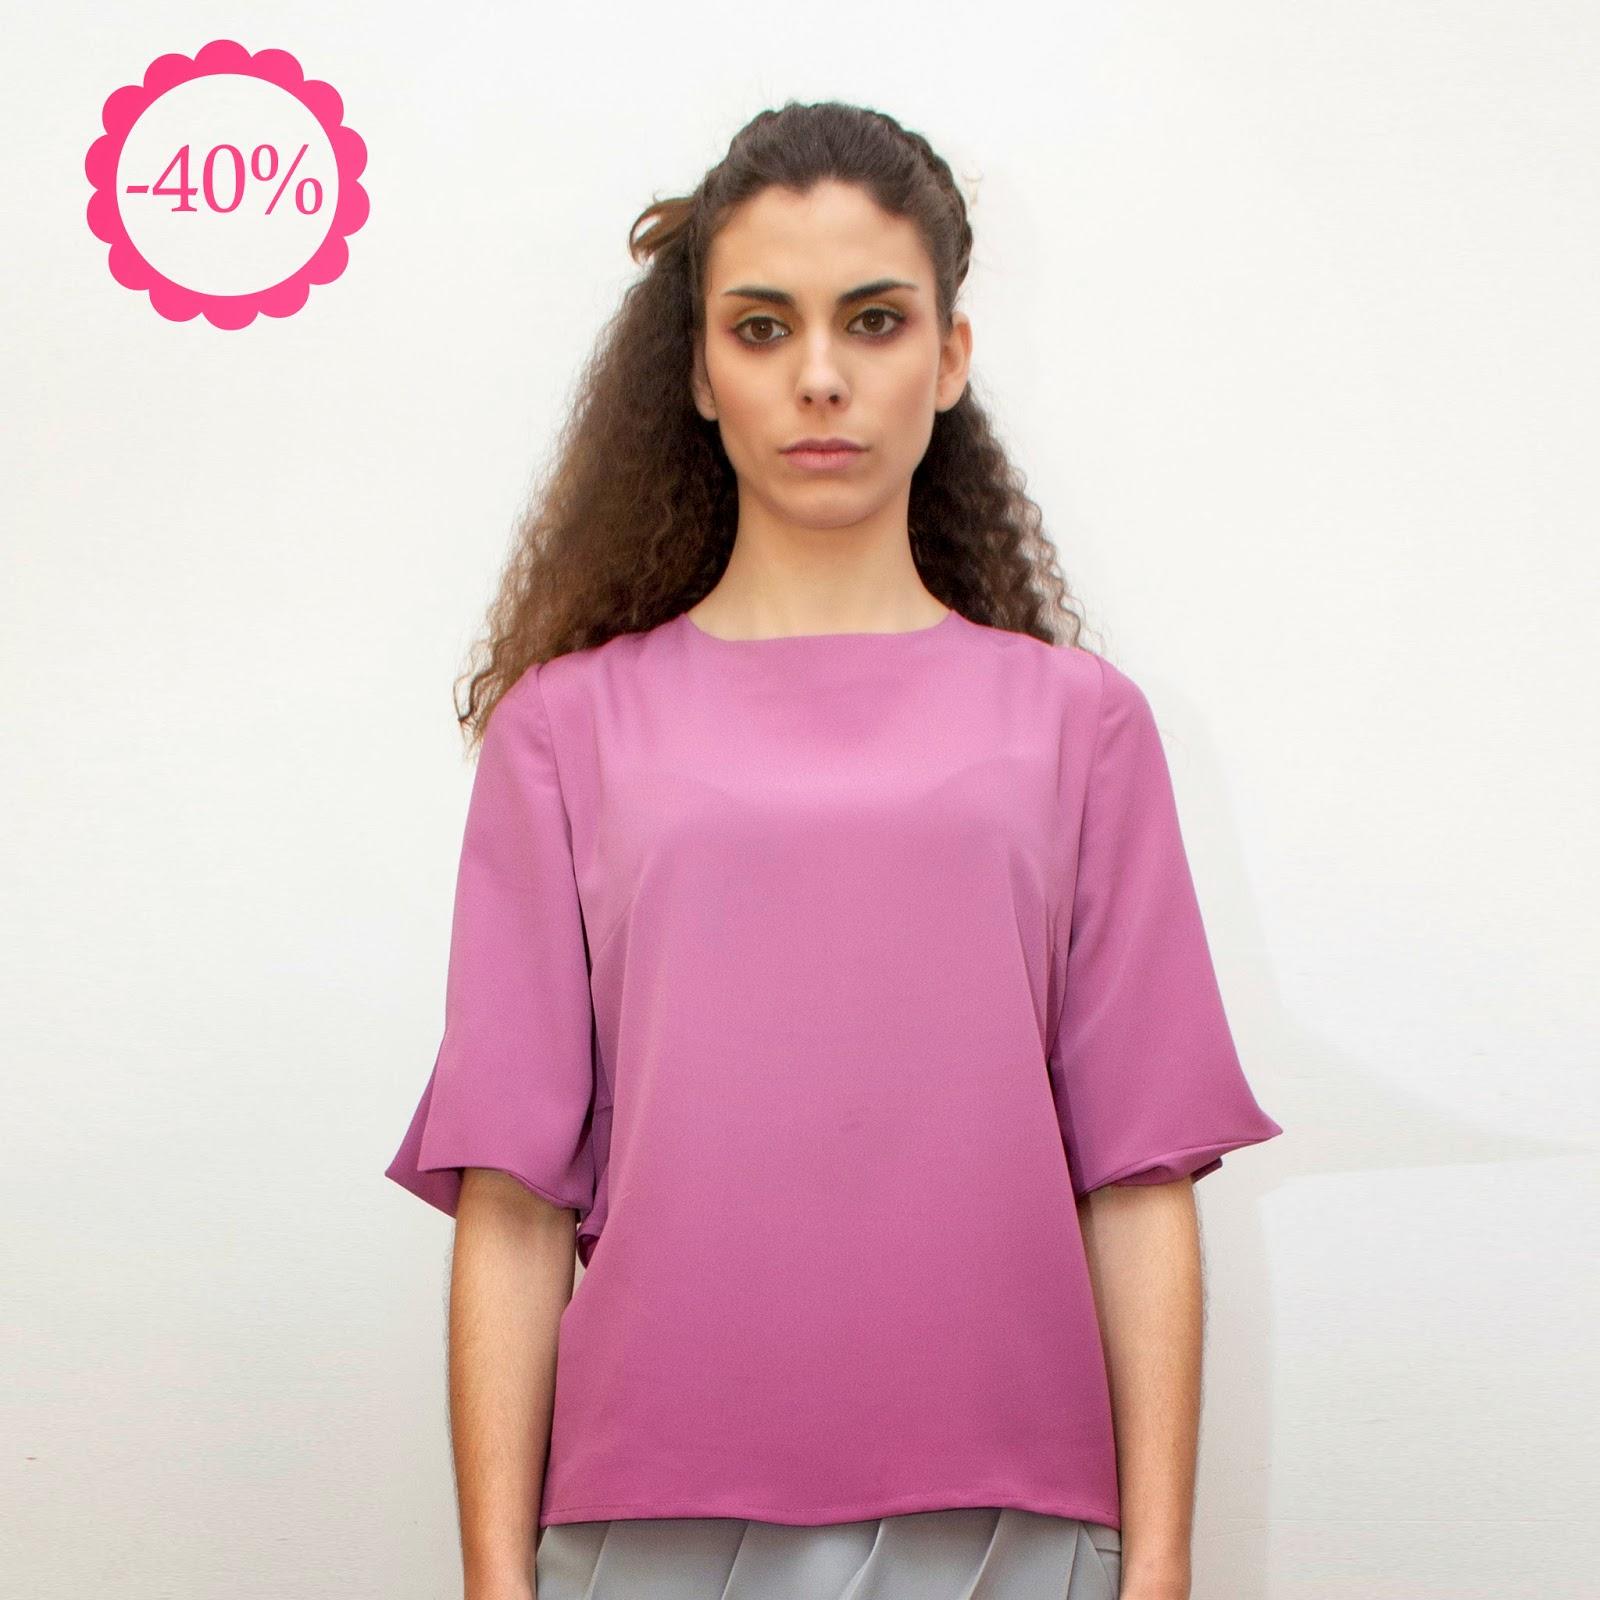 Blusa malva La Böcöque, espalda plisada, ropa online